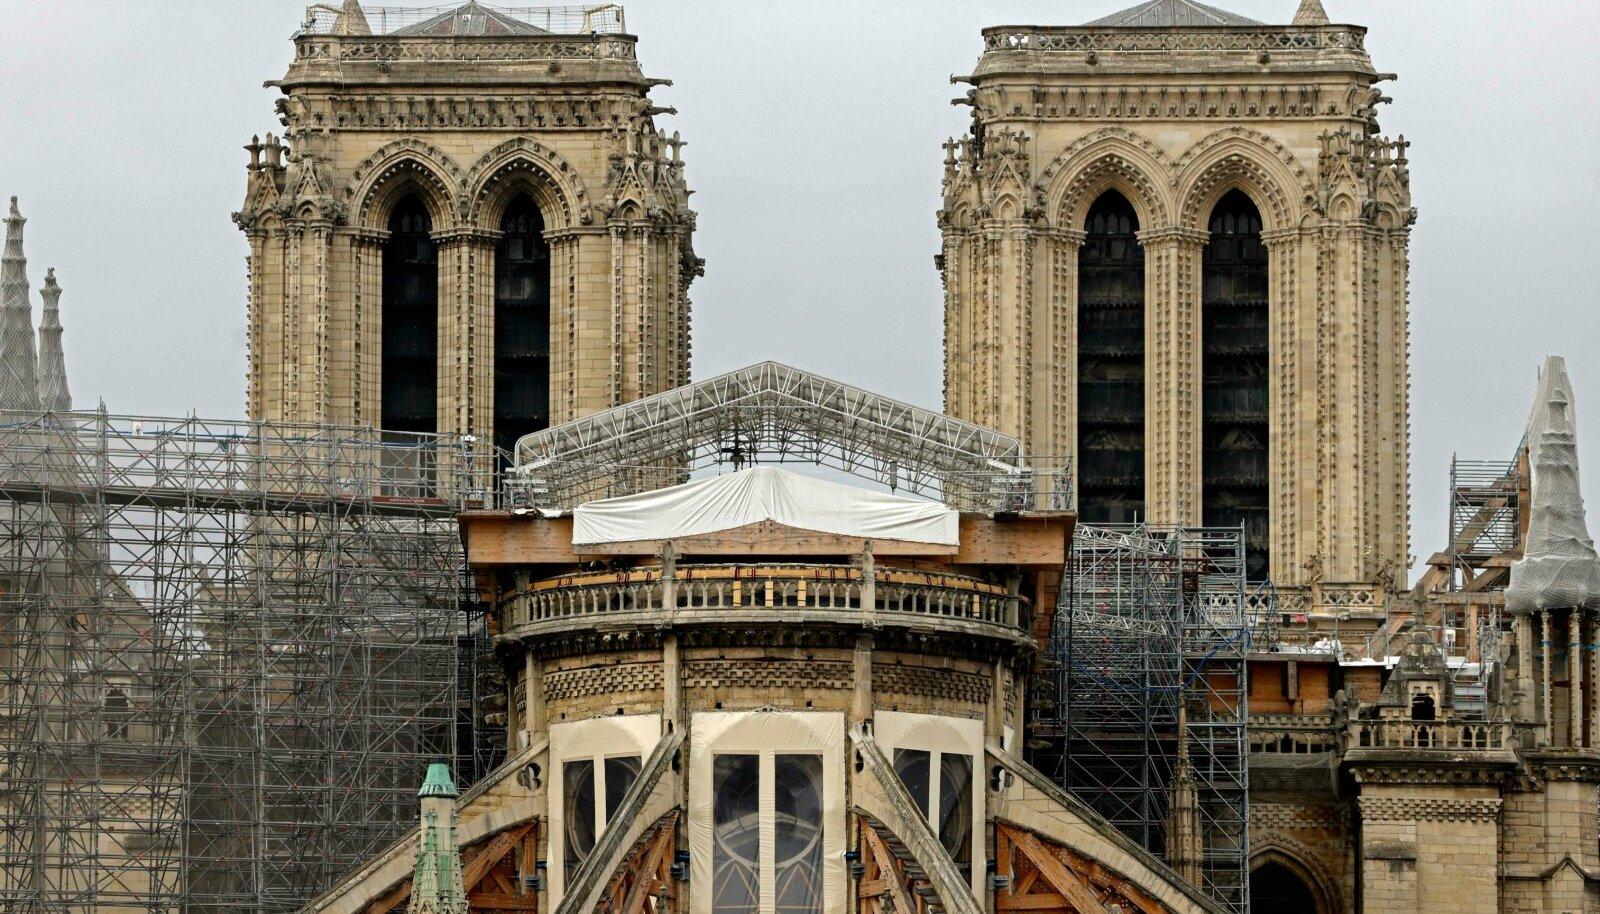 Esmaspäeval katedraalist tehtud fotol on näha enne põlengut paigaldatud tellingud, mille eemaldamine käib siiani. Alles siis saab alata tegelik rekonstrueerimine.